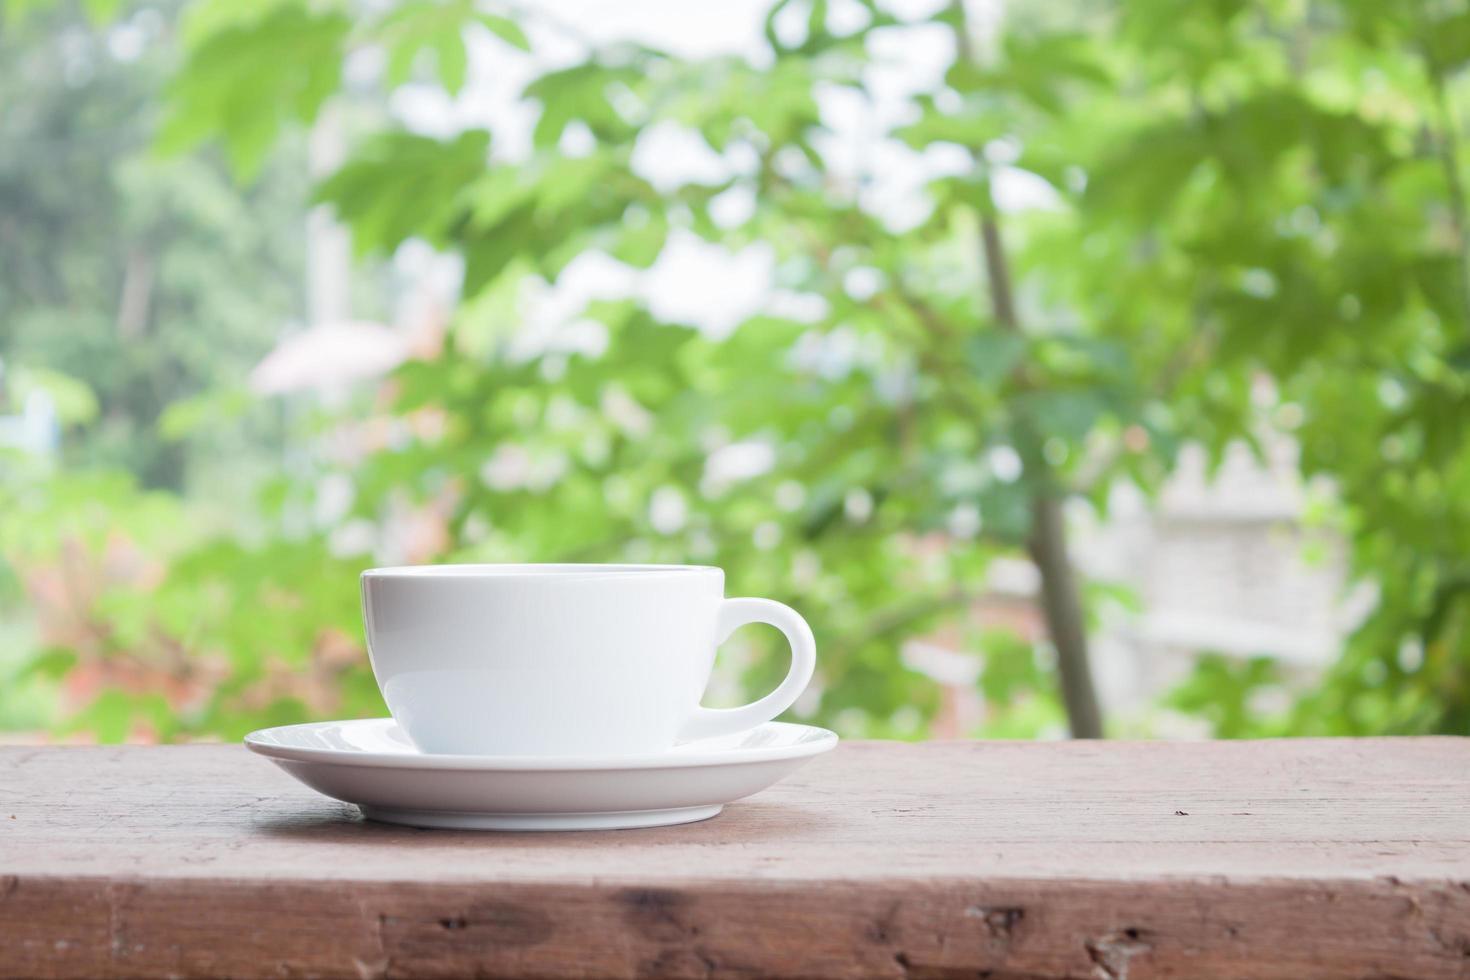 tazza di latte su un tavolo foto